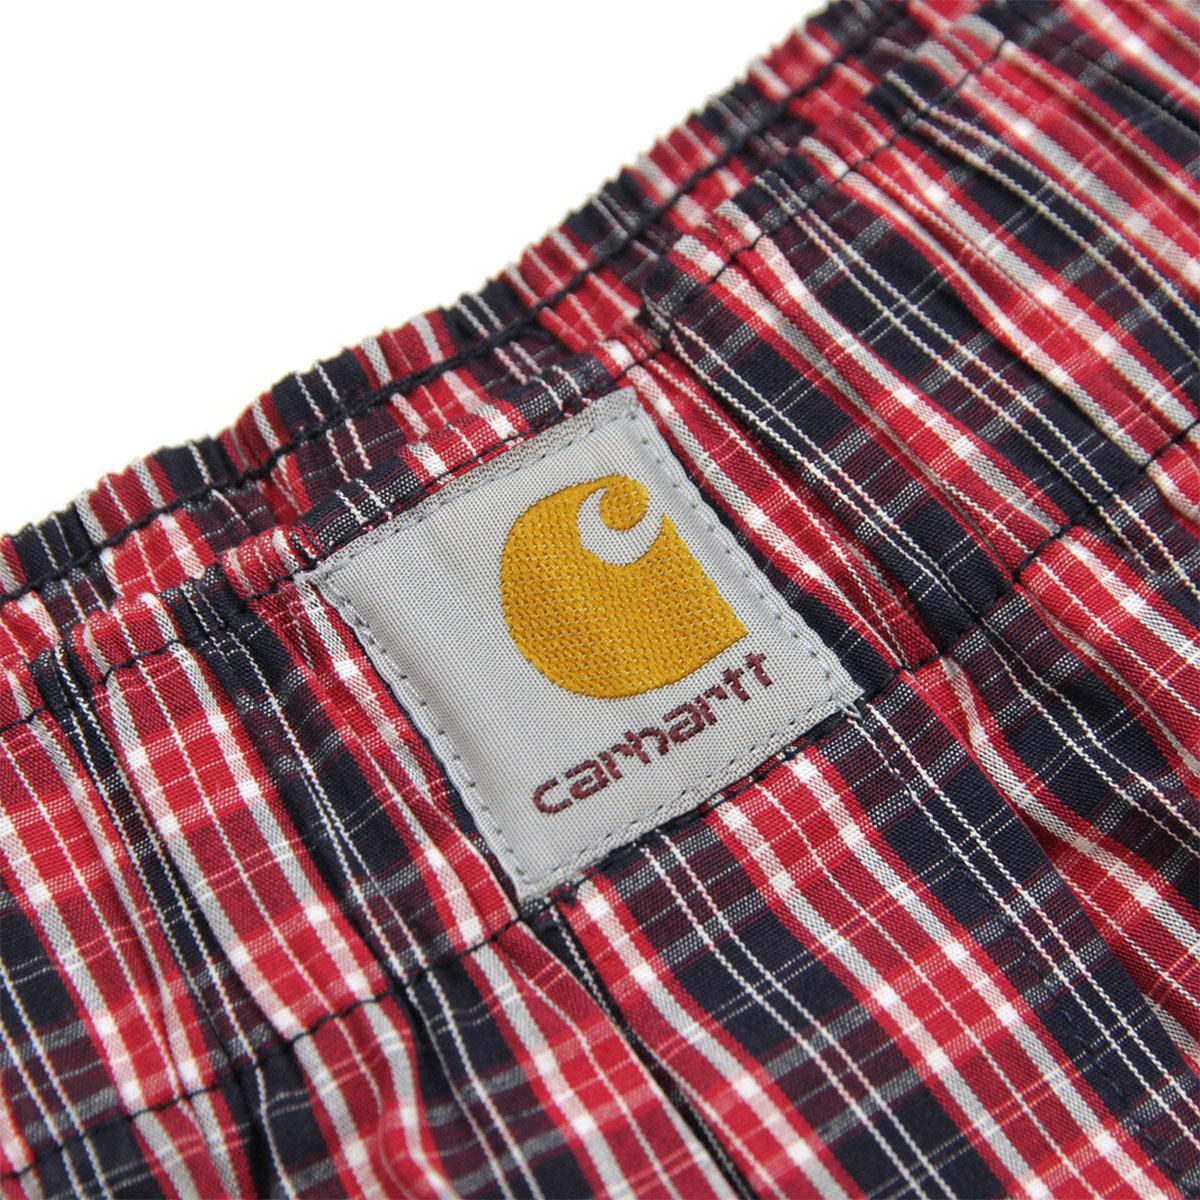 カーハート トランクス メンズ 正規販売店 CARHARTT WIP アンダーウェア 下着 トランクス COTTON BOXERS JAMES CHECK, ETNA RED I029372 08R AB0B B1C C7D D2E E11F